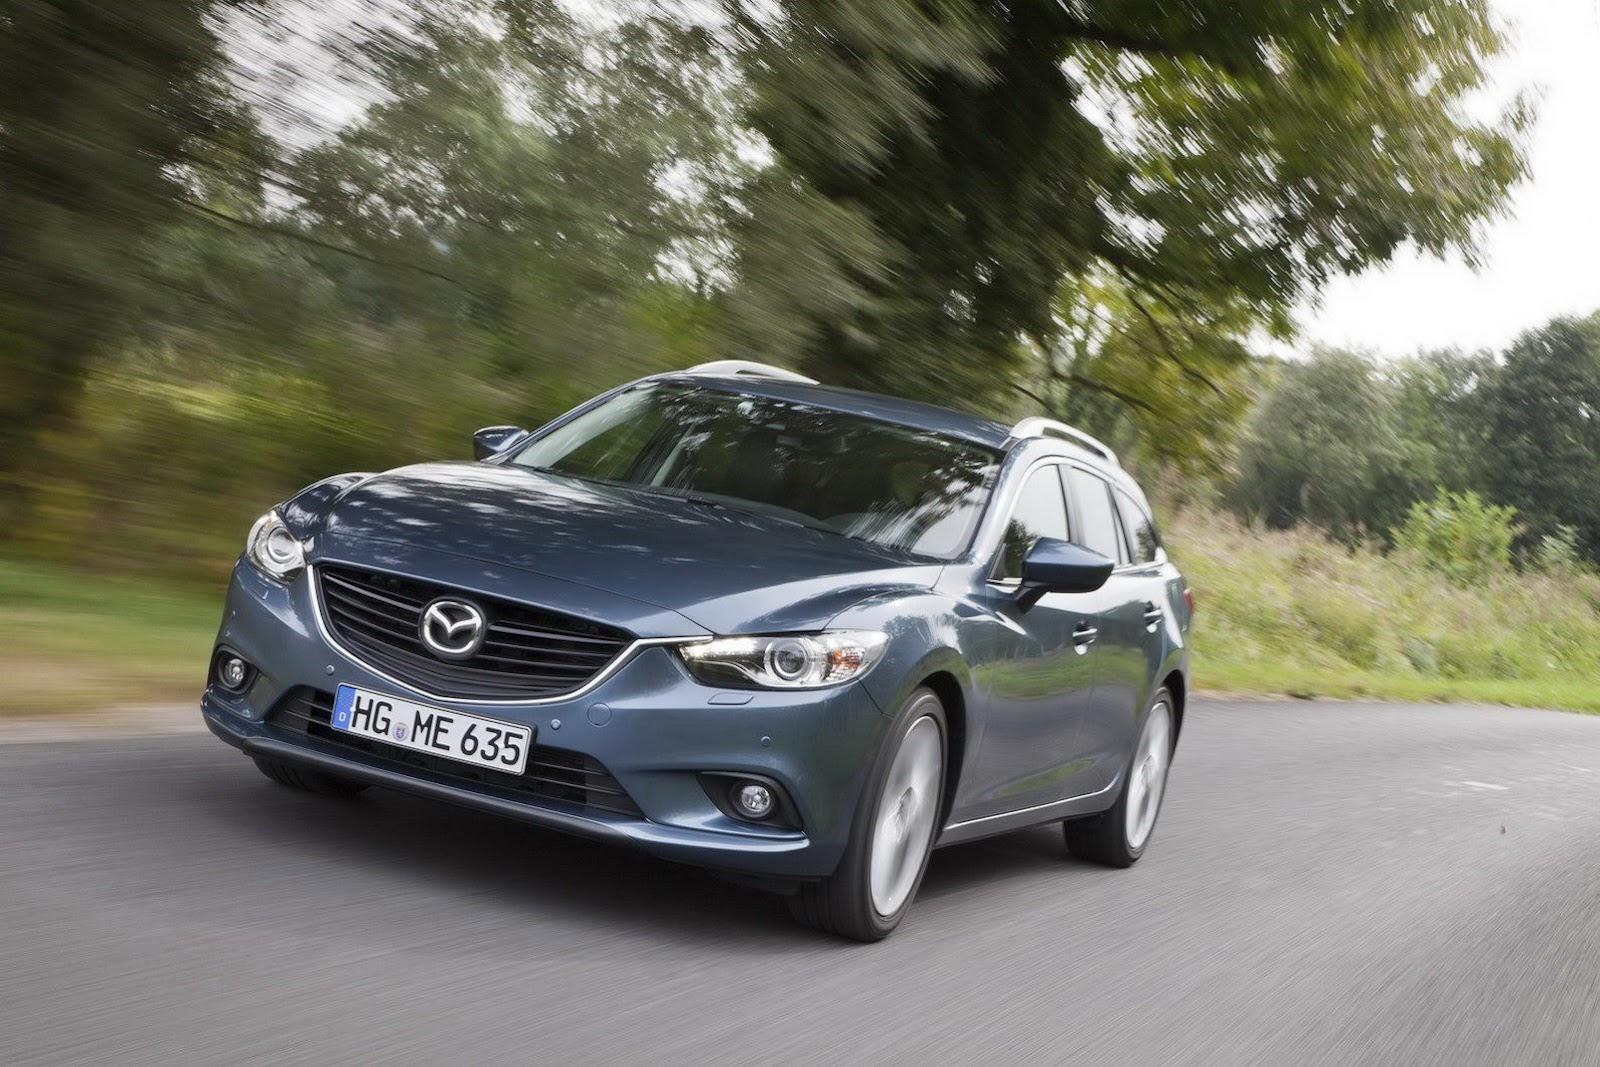 2012 - [Mazda] 6 III - Page 10 Mazda6-2012-101%25255B2%25255D